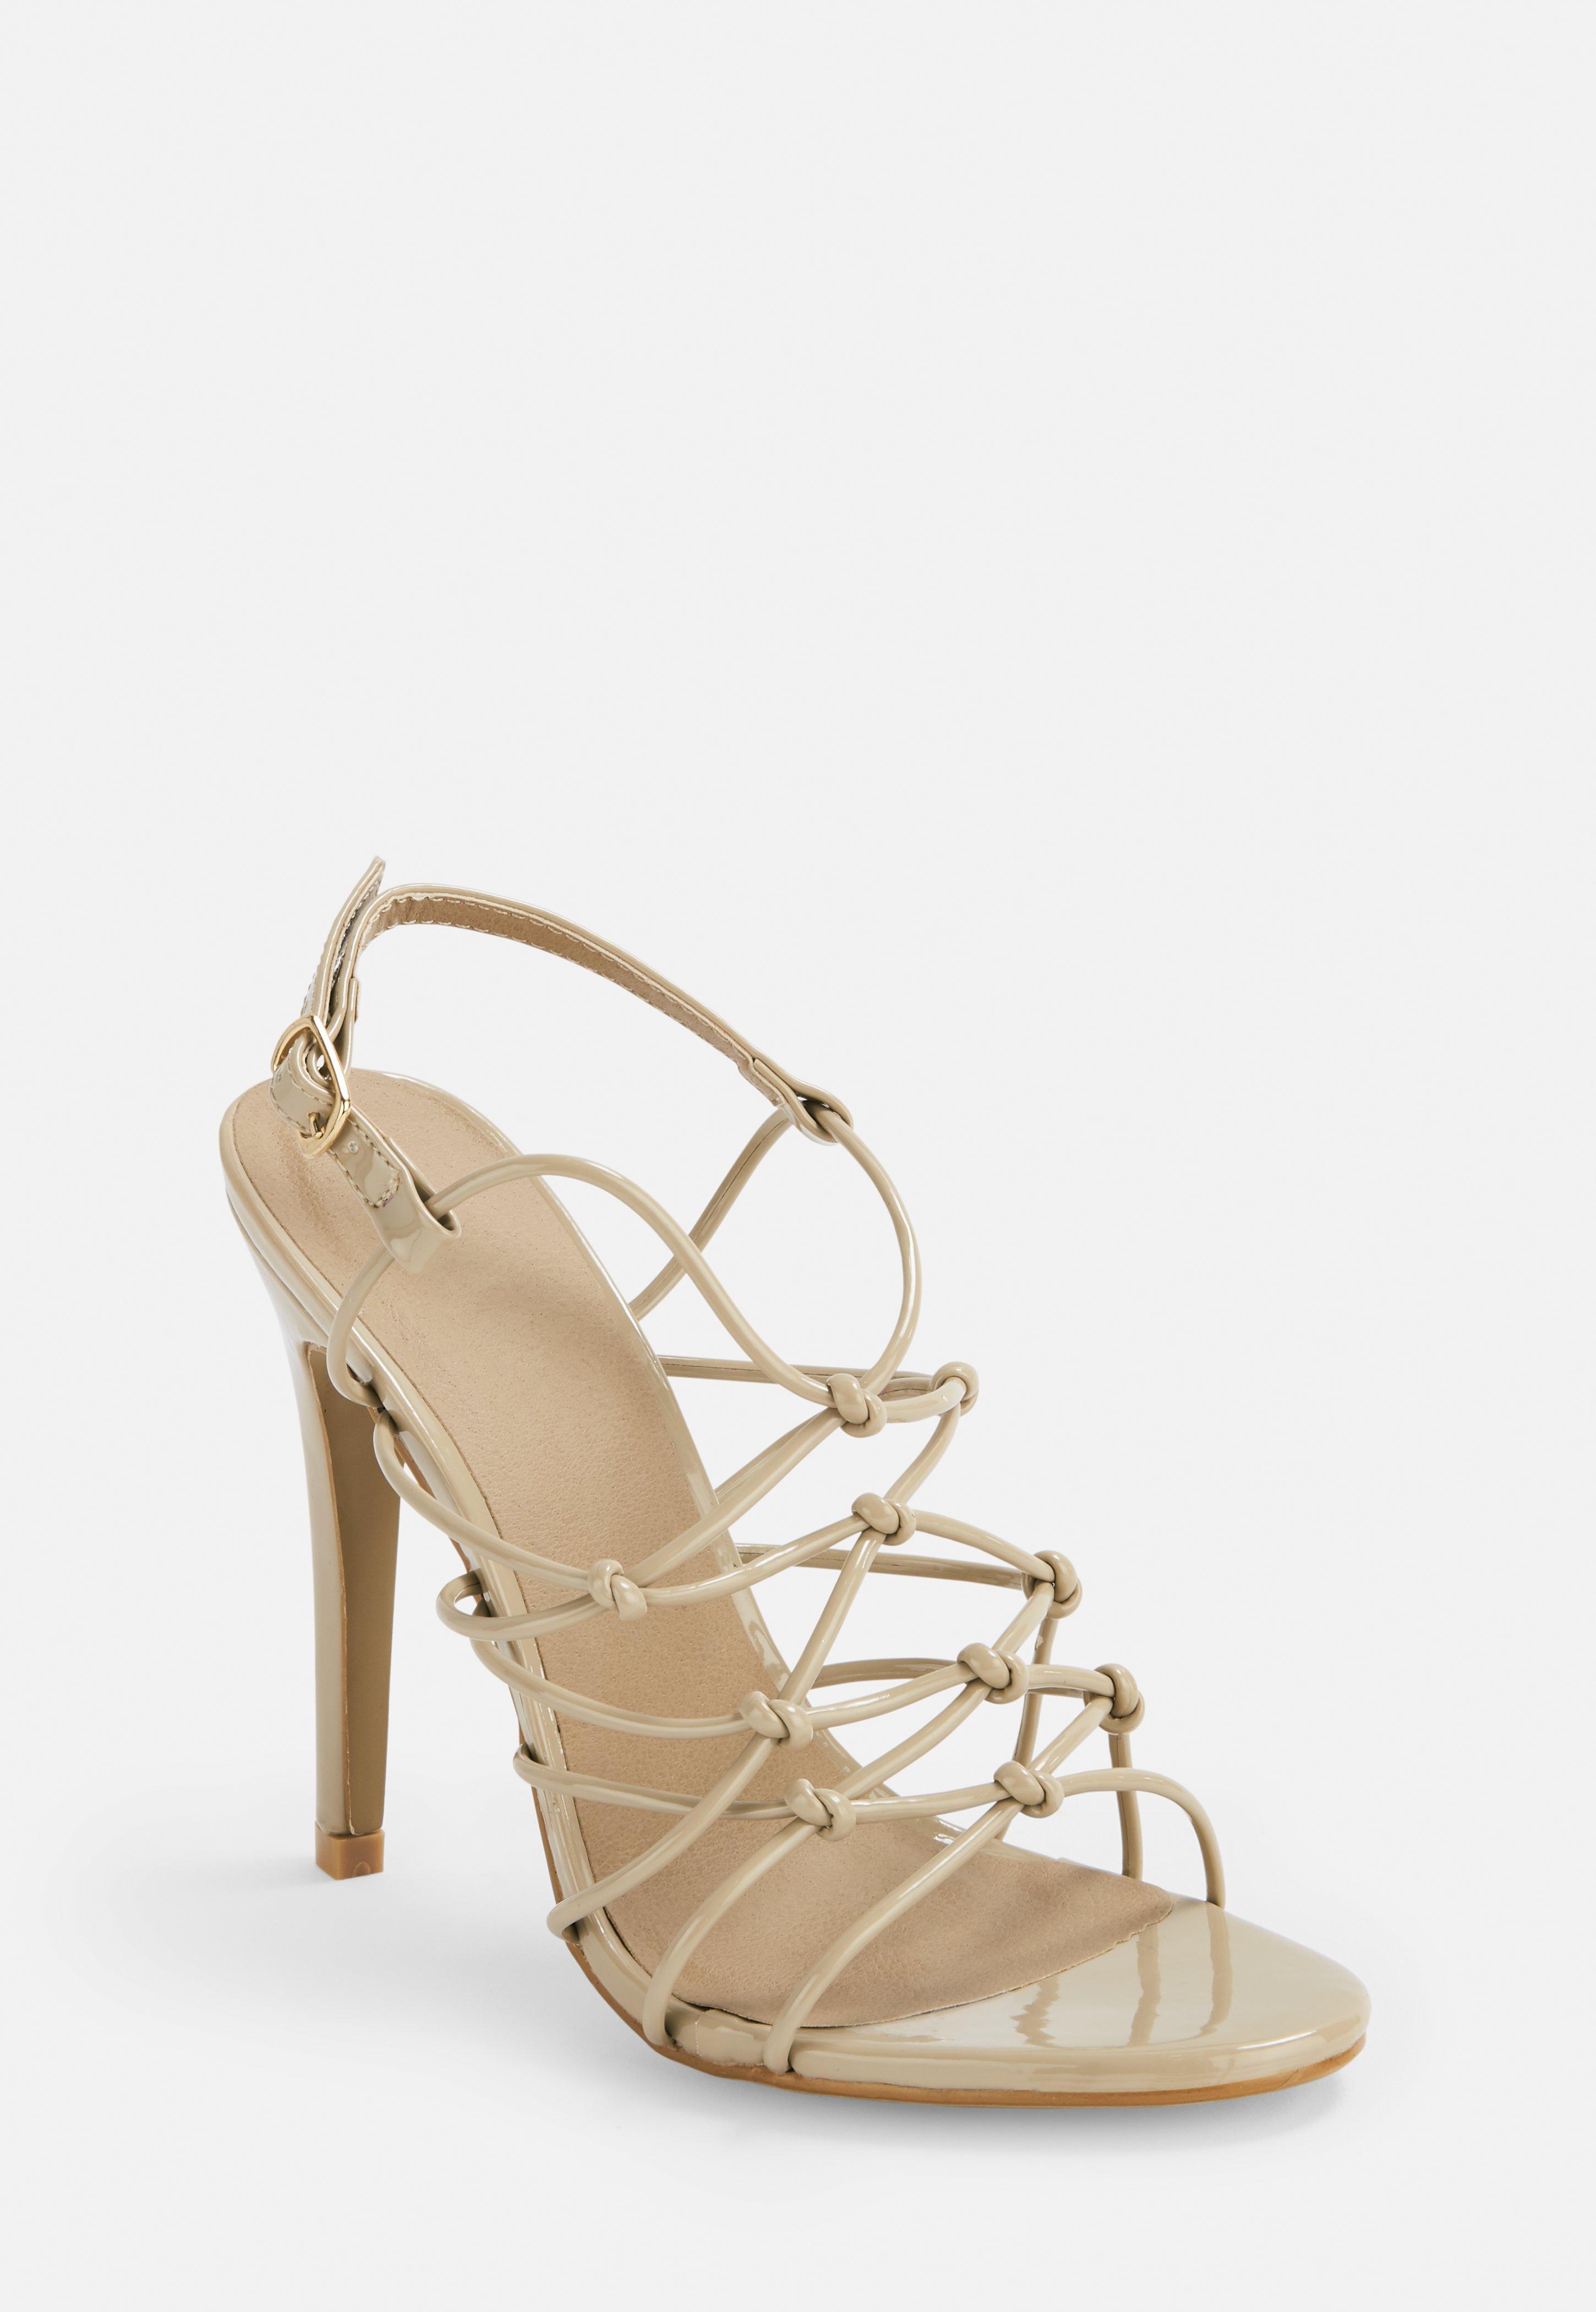 0981680c623c Shoes